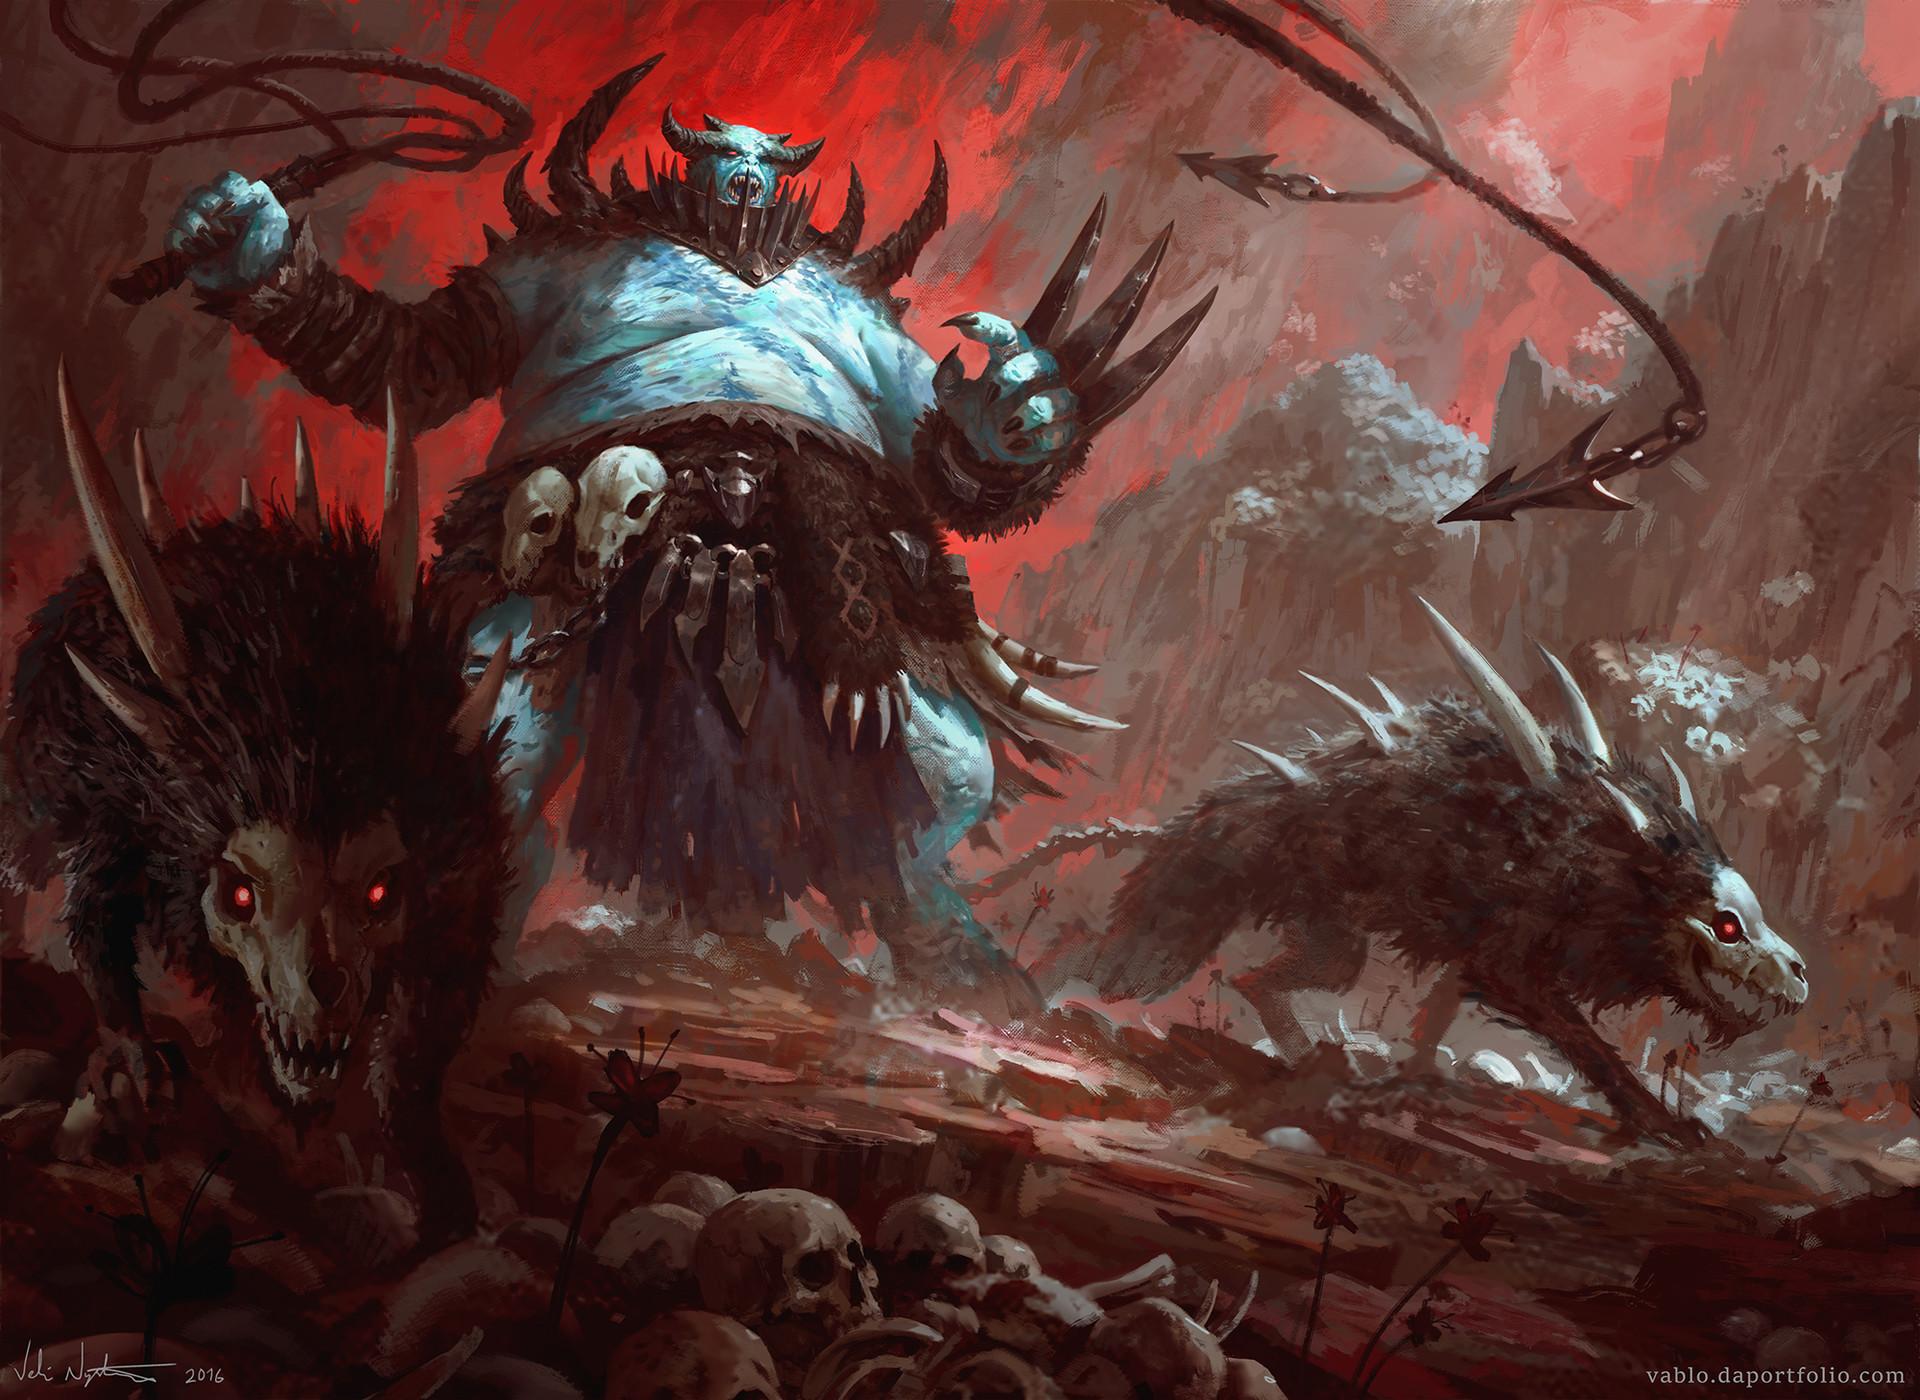 Veli nystrom demon beastmaster